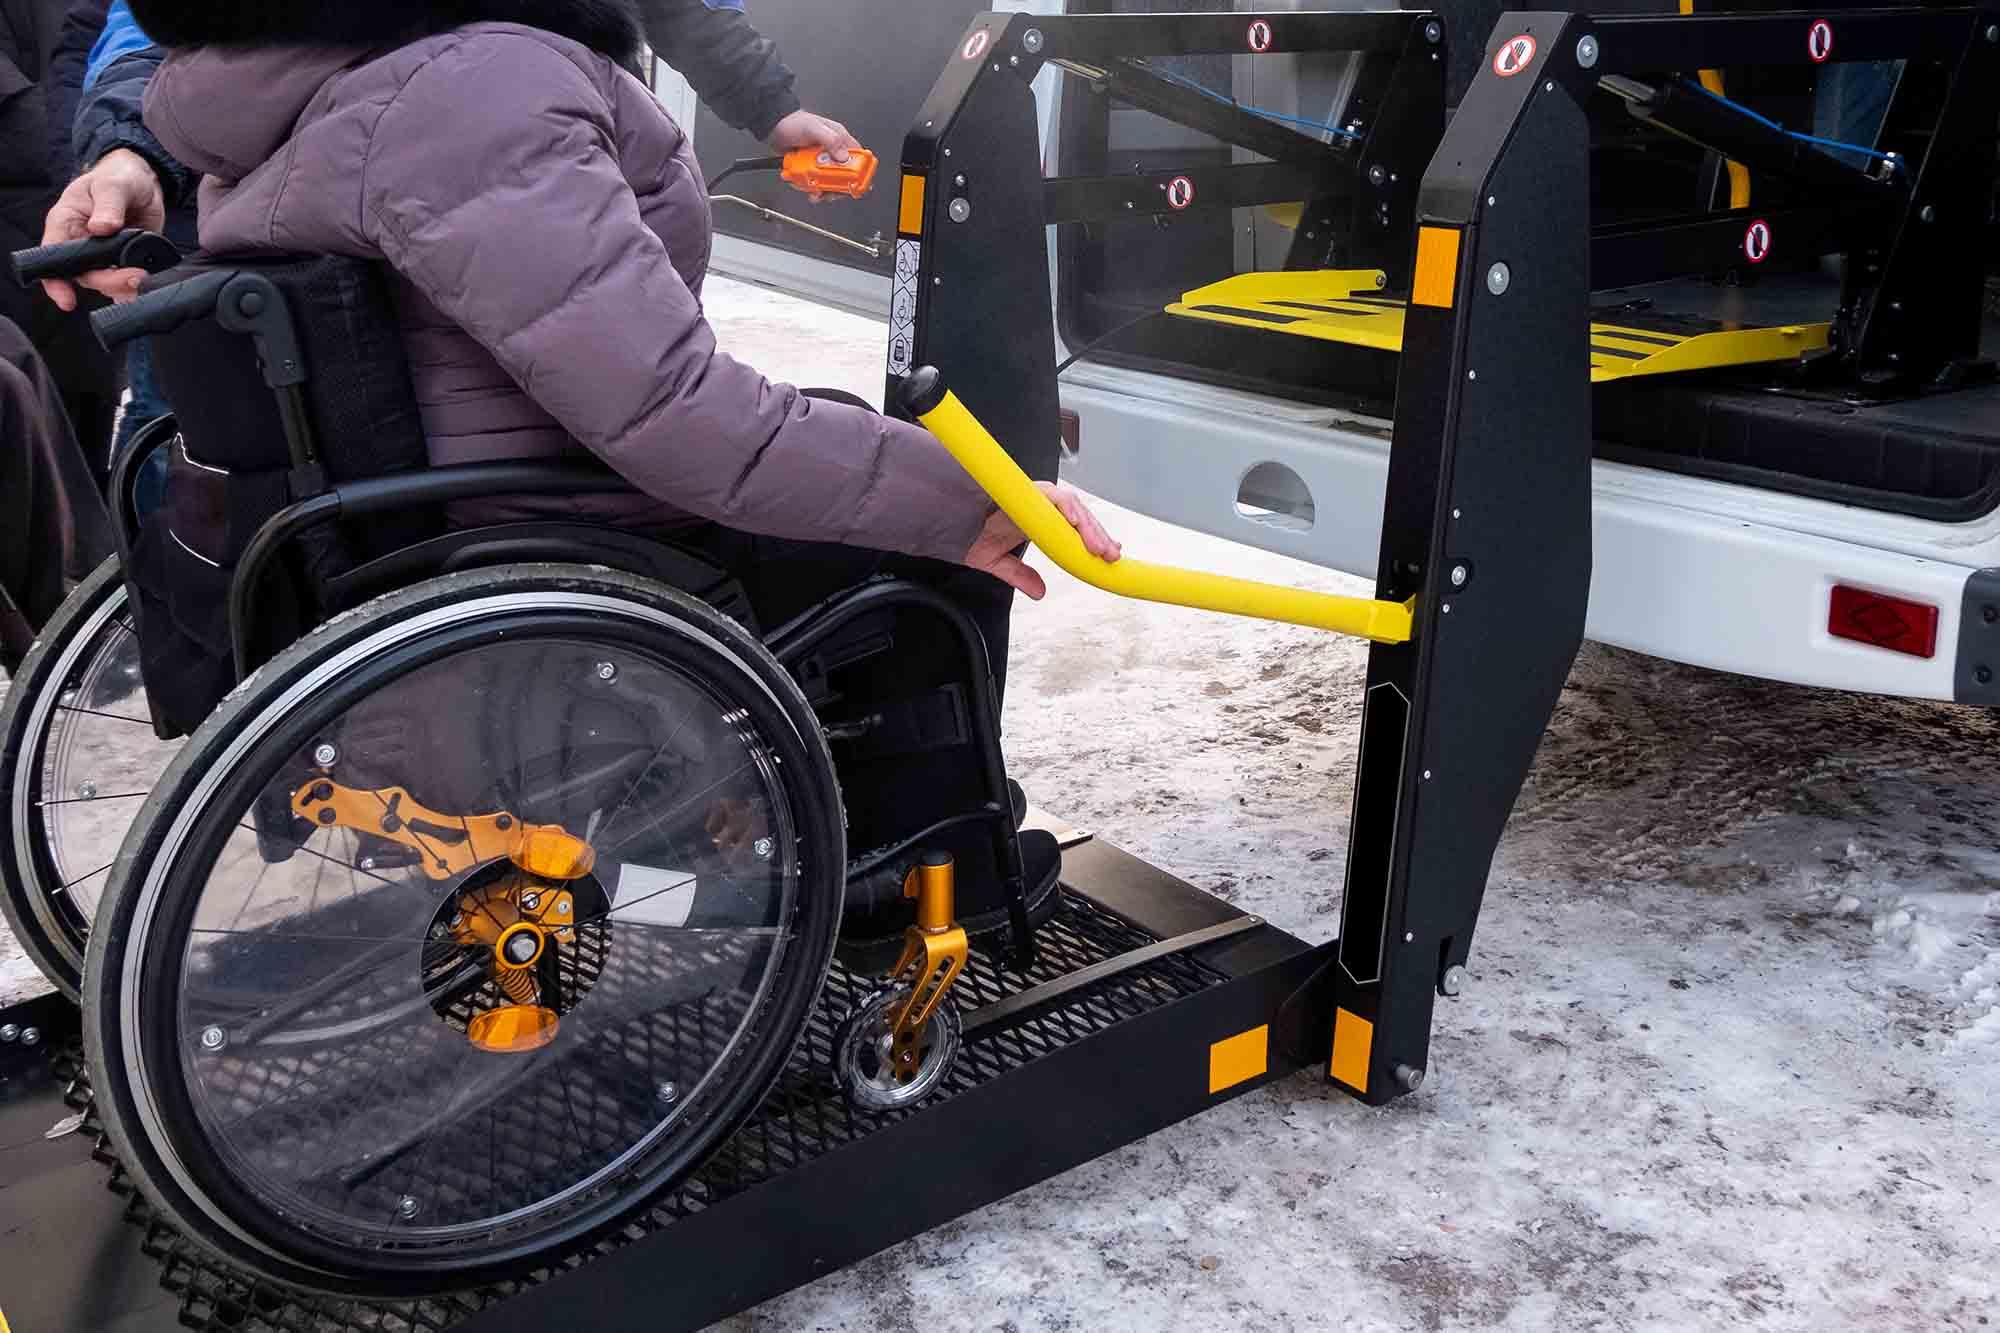 tipos de cadeiras de rodas